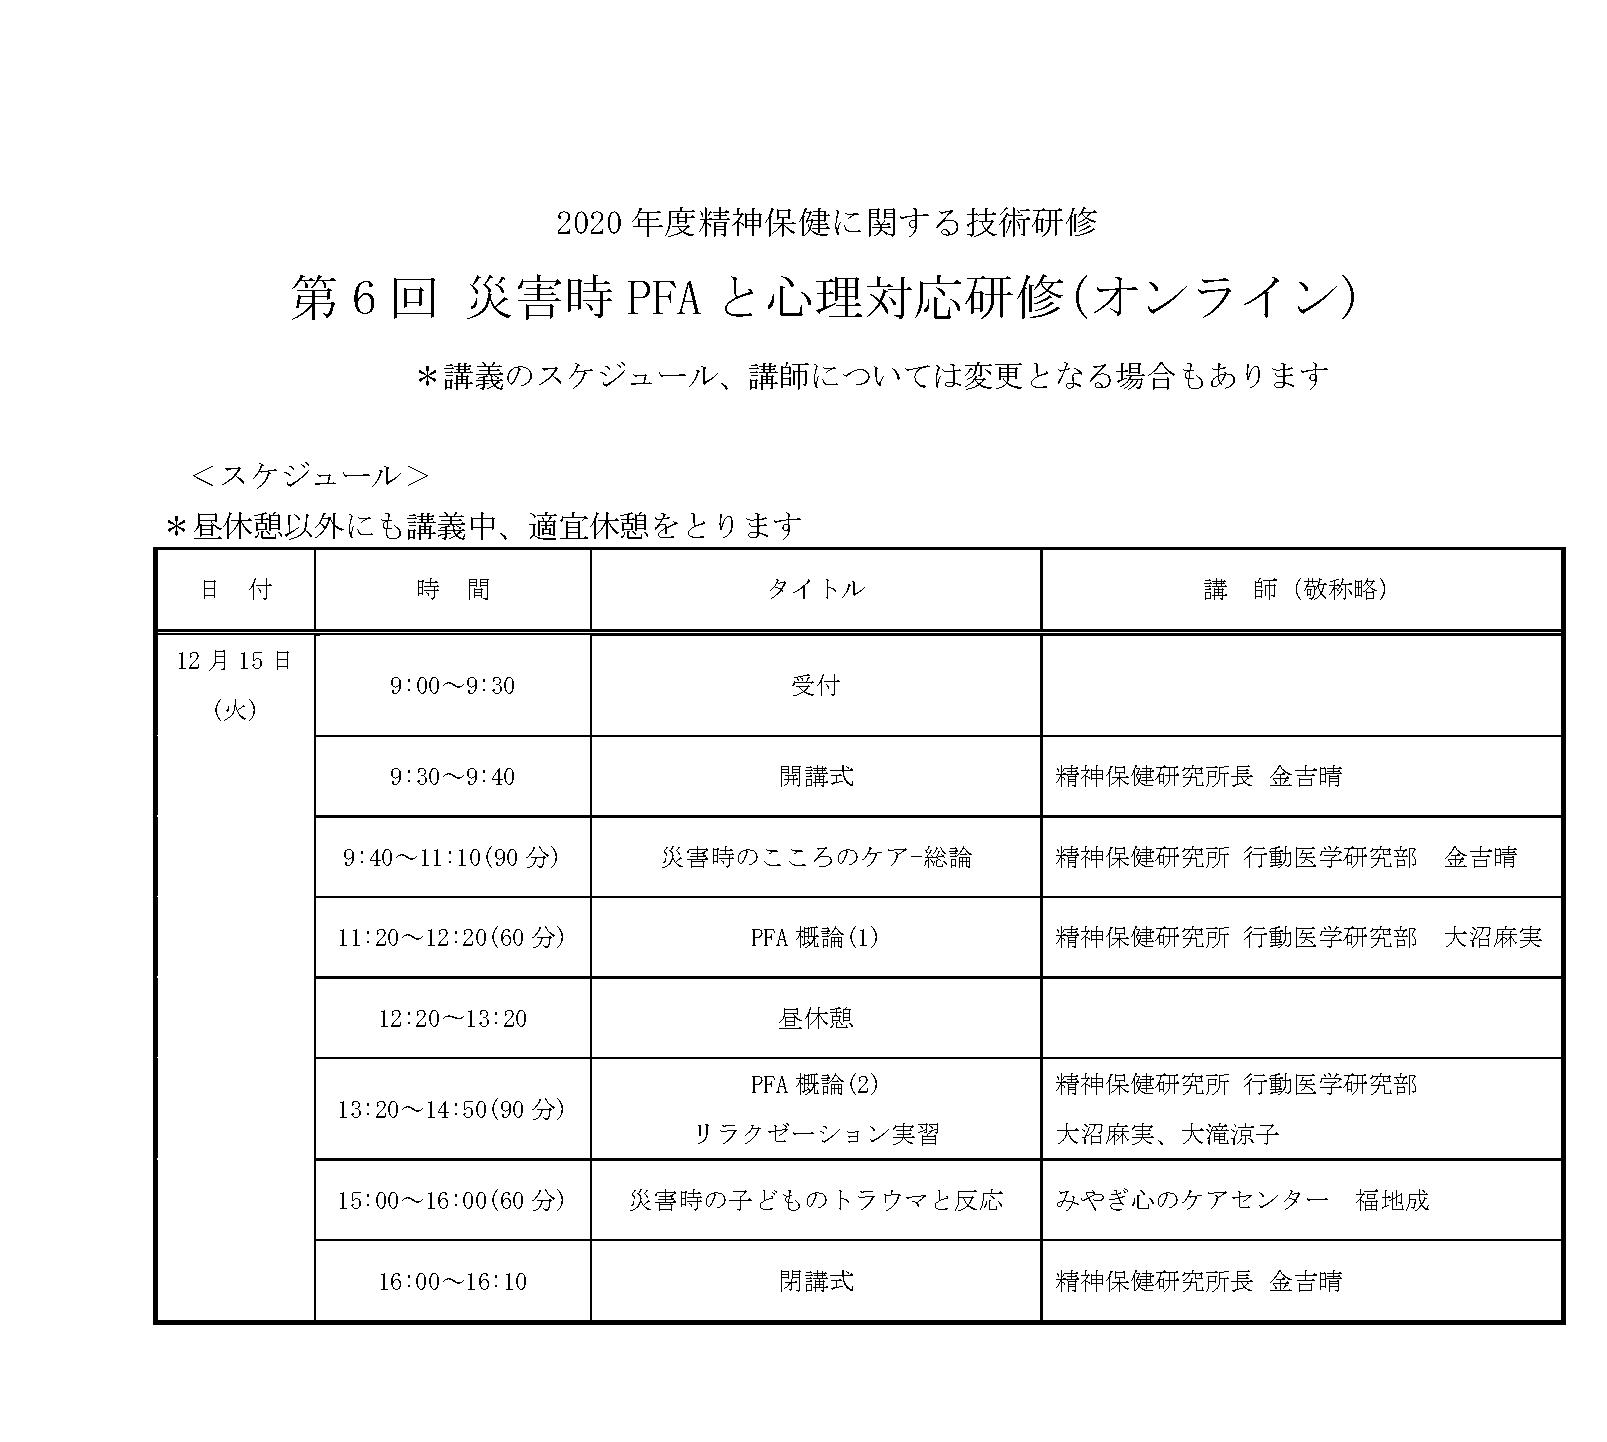 プログラム(第6回災害時PFA)_HP掲載1.png